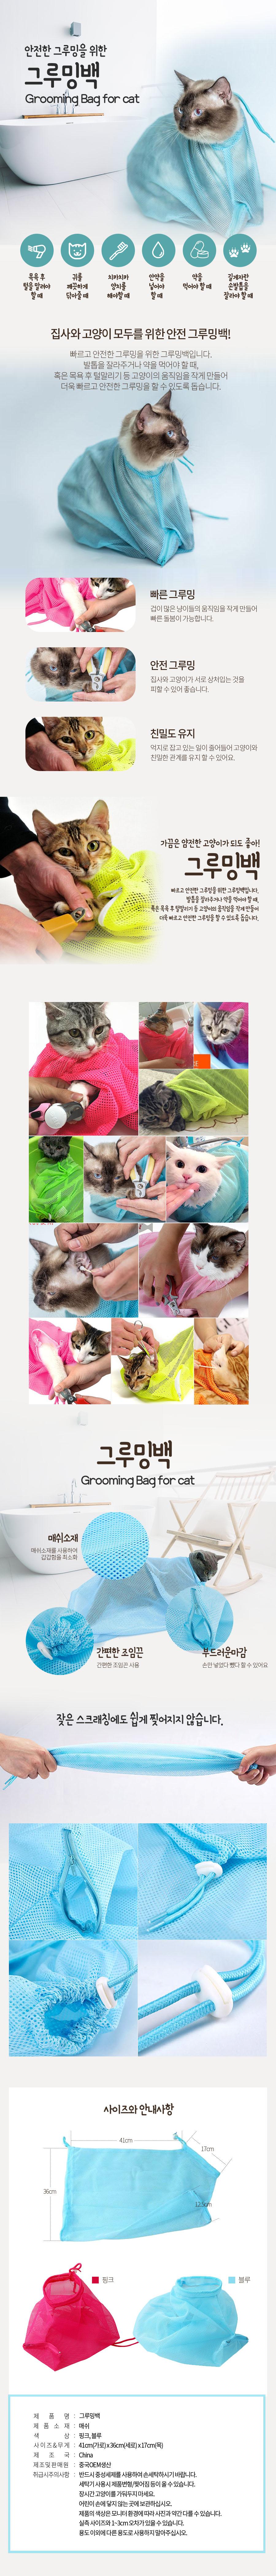 레오프렌즈 고양이 샤워망 목욕망 그루밍백 - 레오프렌즈, 5,900원, 미용/목욕용품, 발톱/발 관리